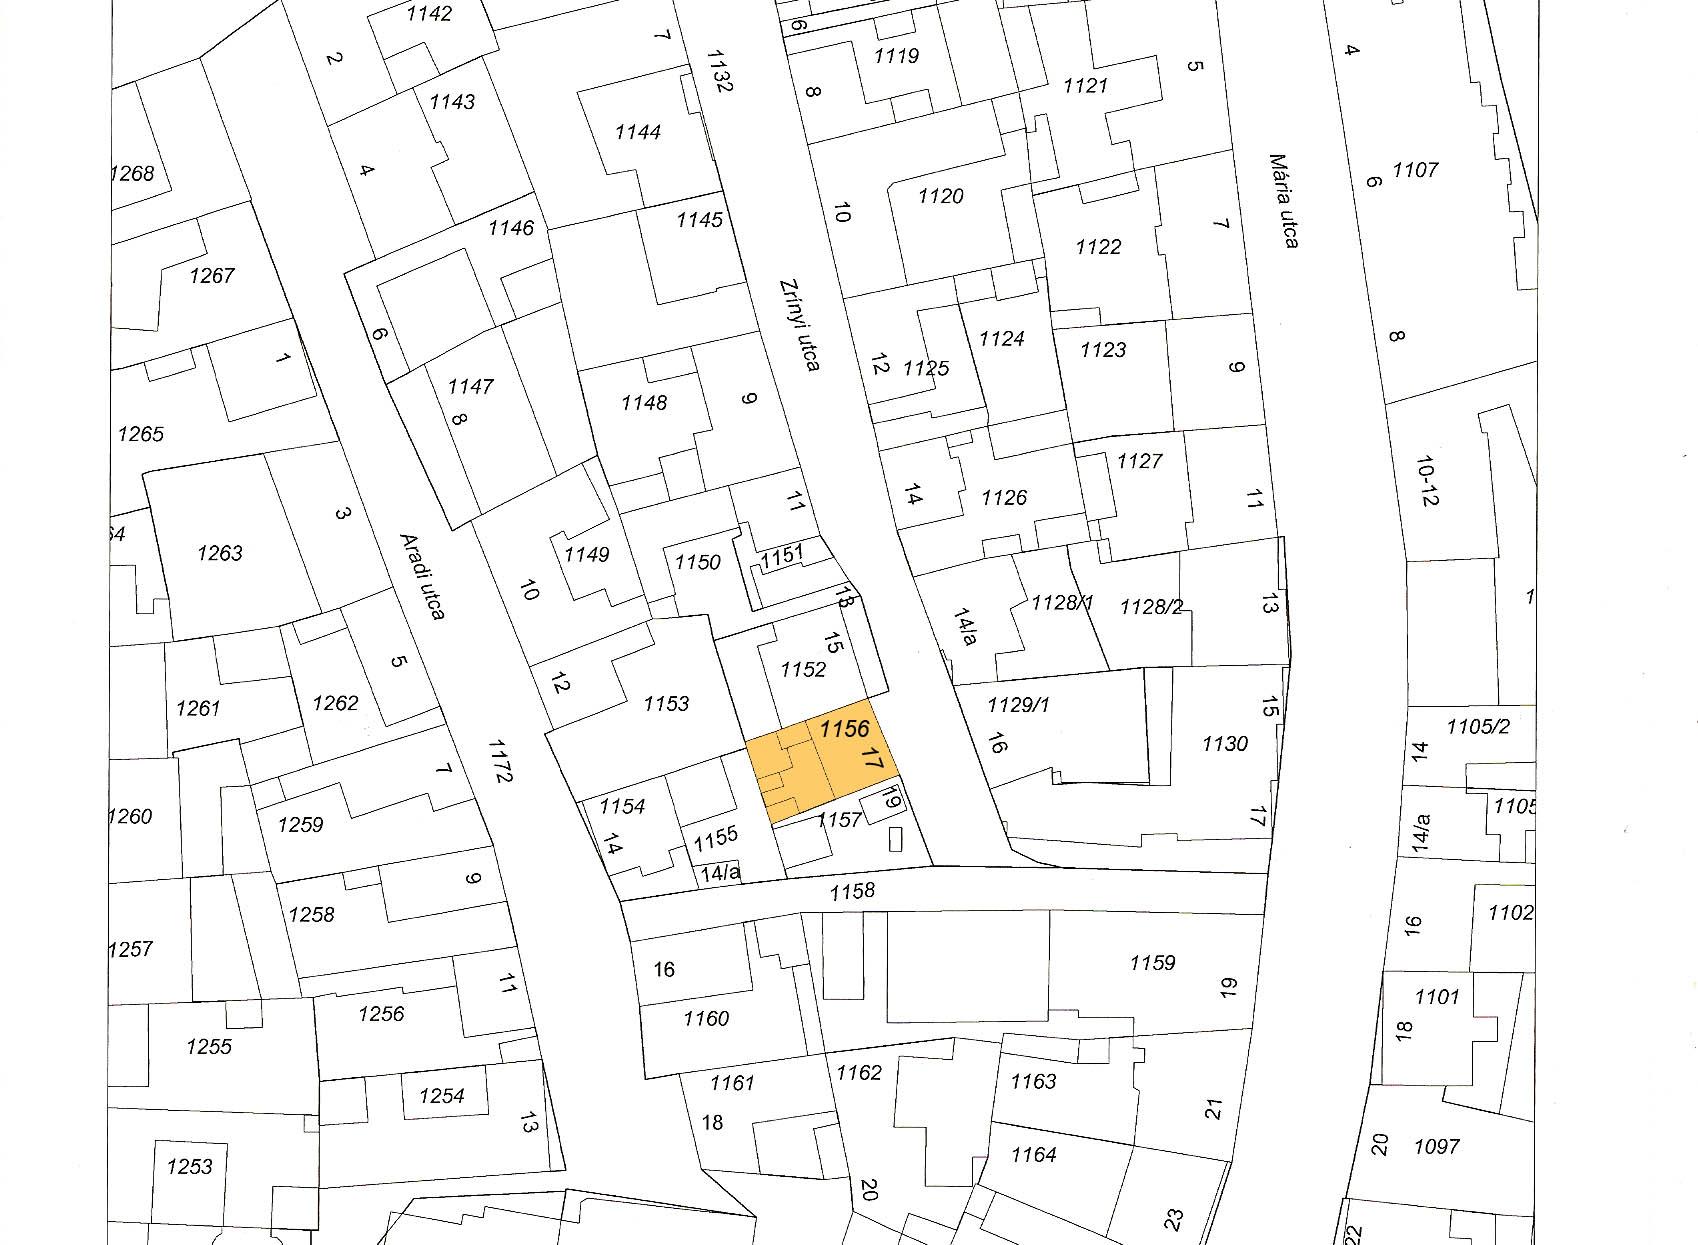 földhivatali térkép Szolnok belvárosi kertes ház eladó! | elado haz szolnok.hu földhivatali térkép